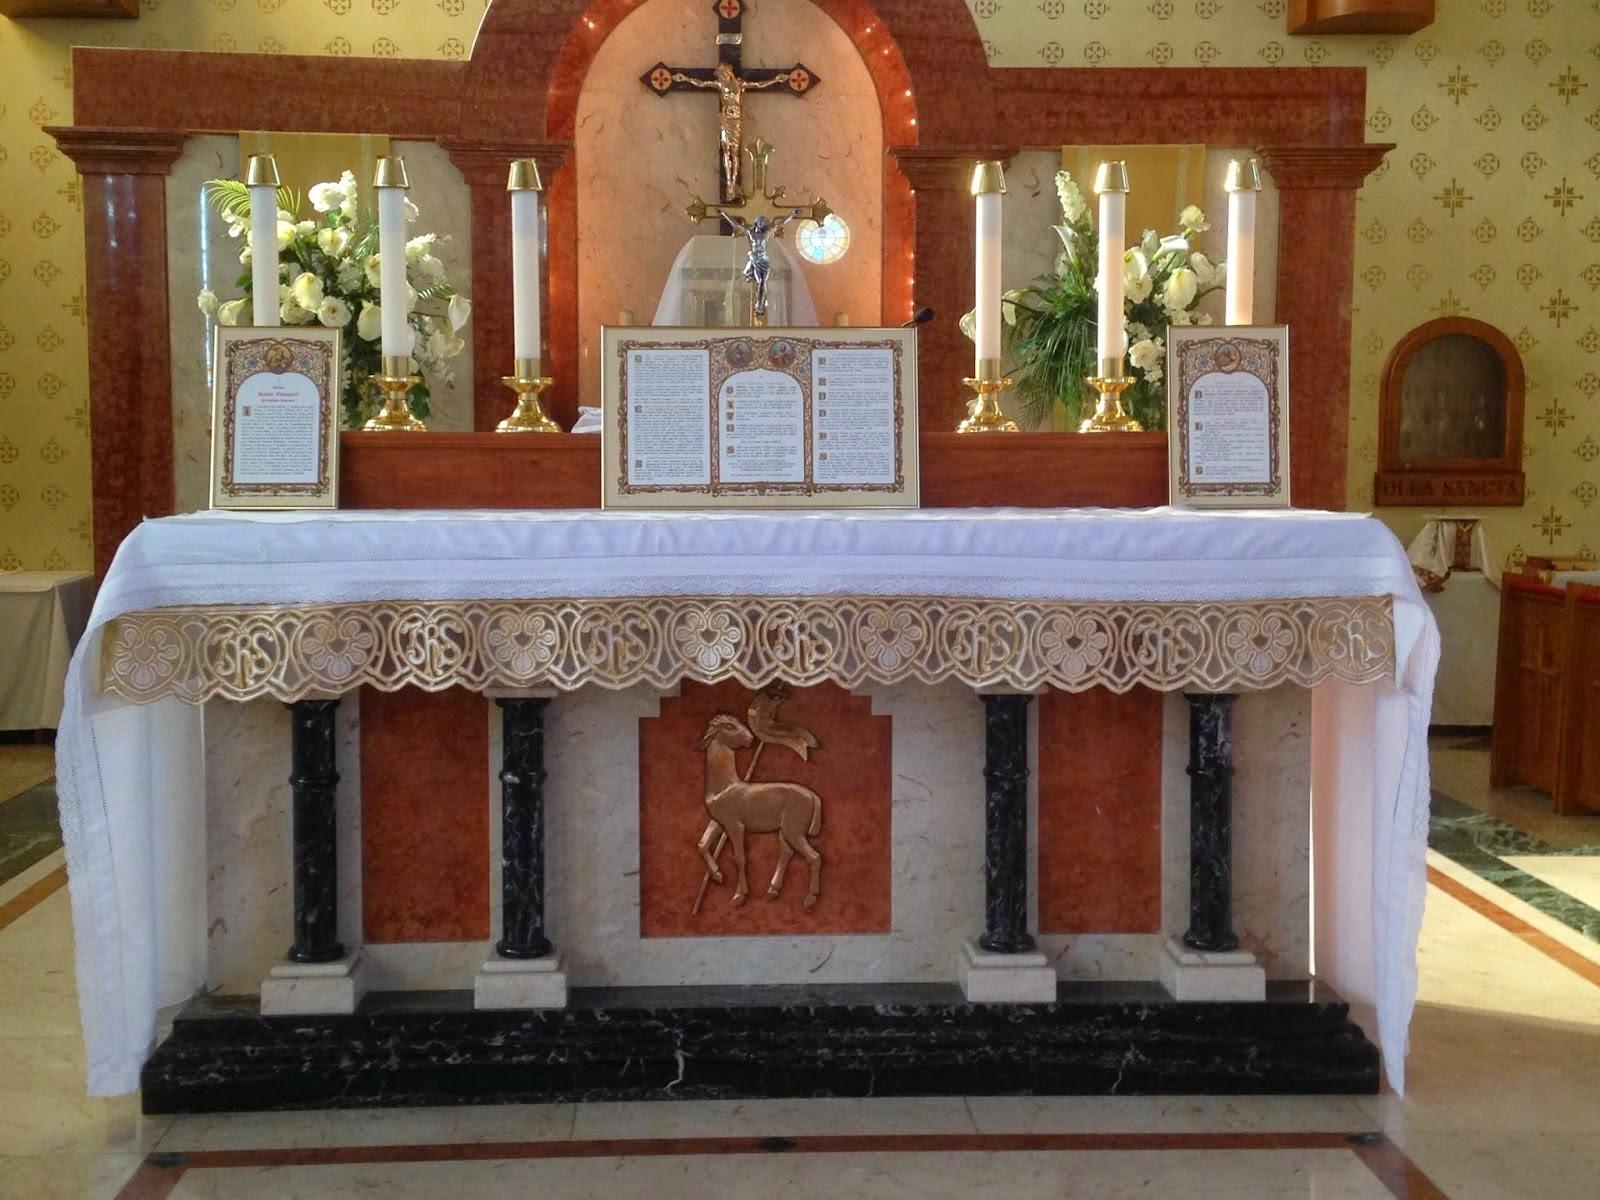 Church altar table